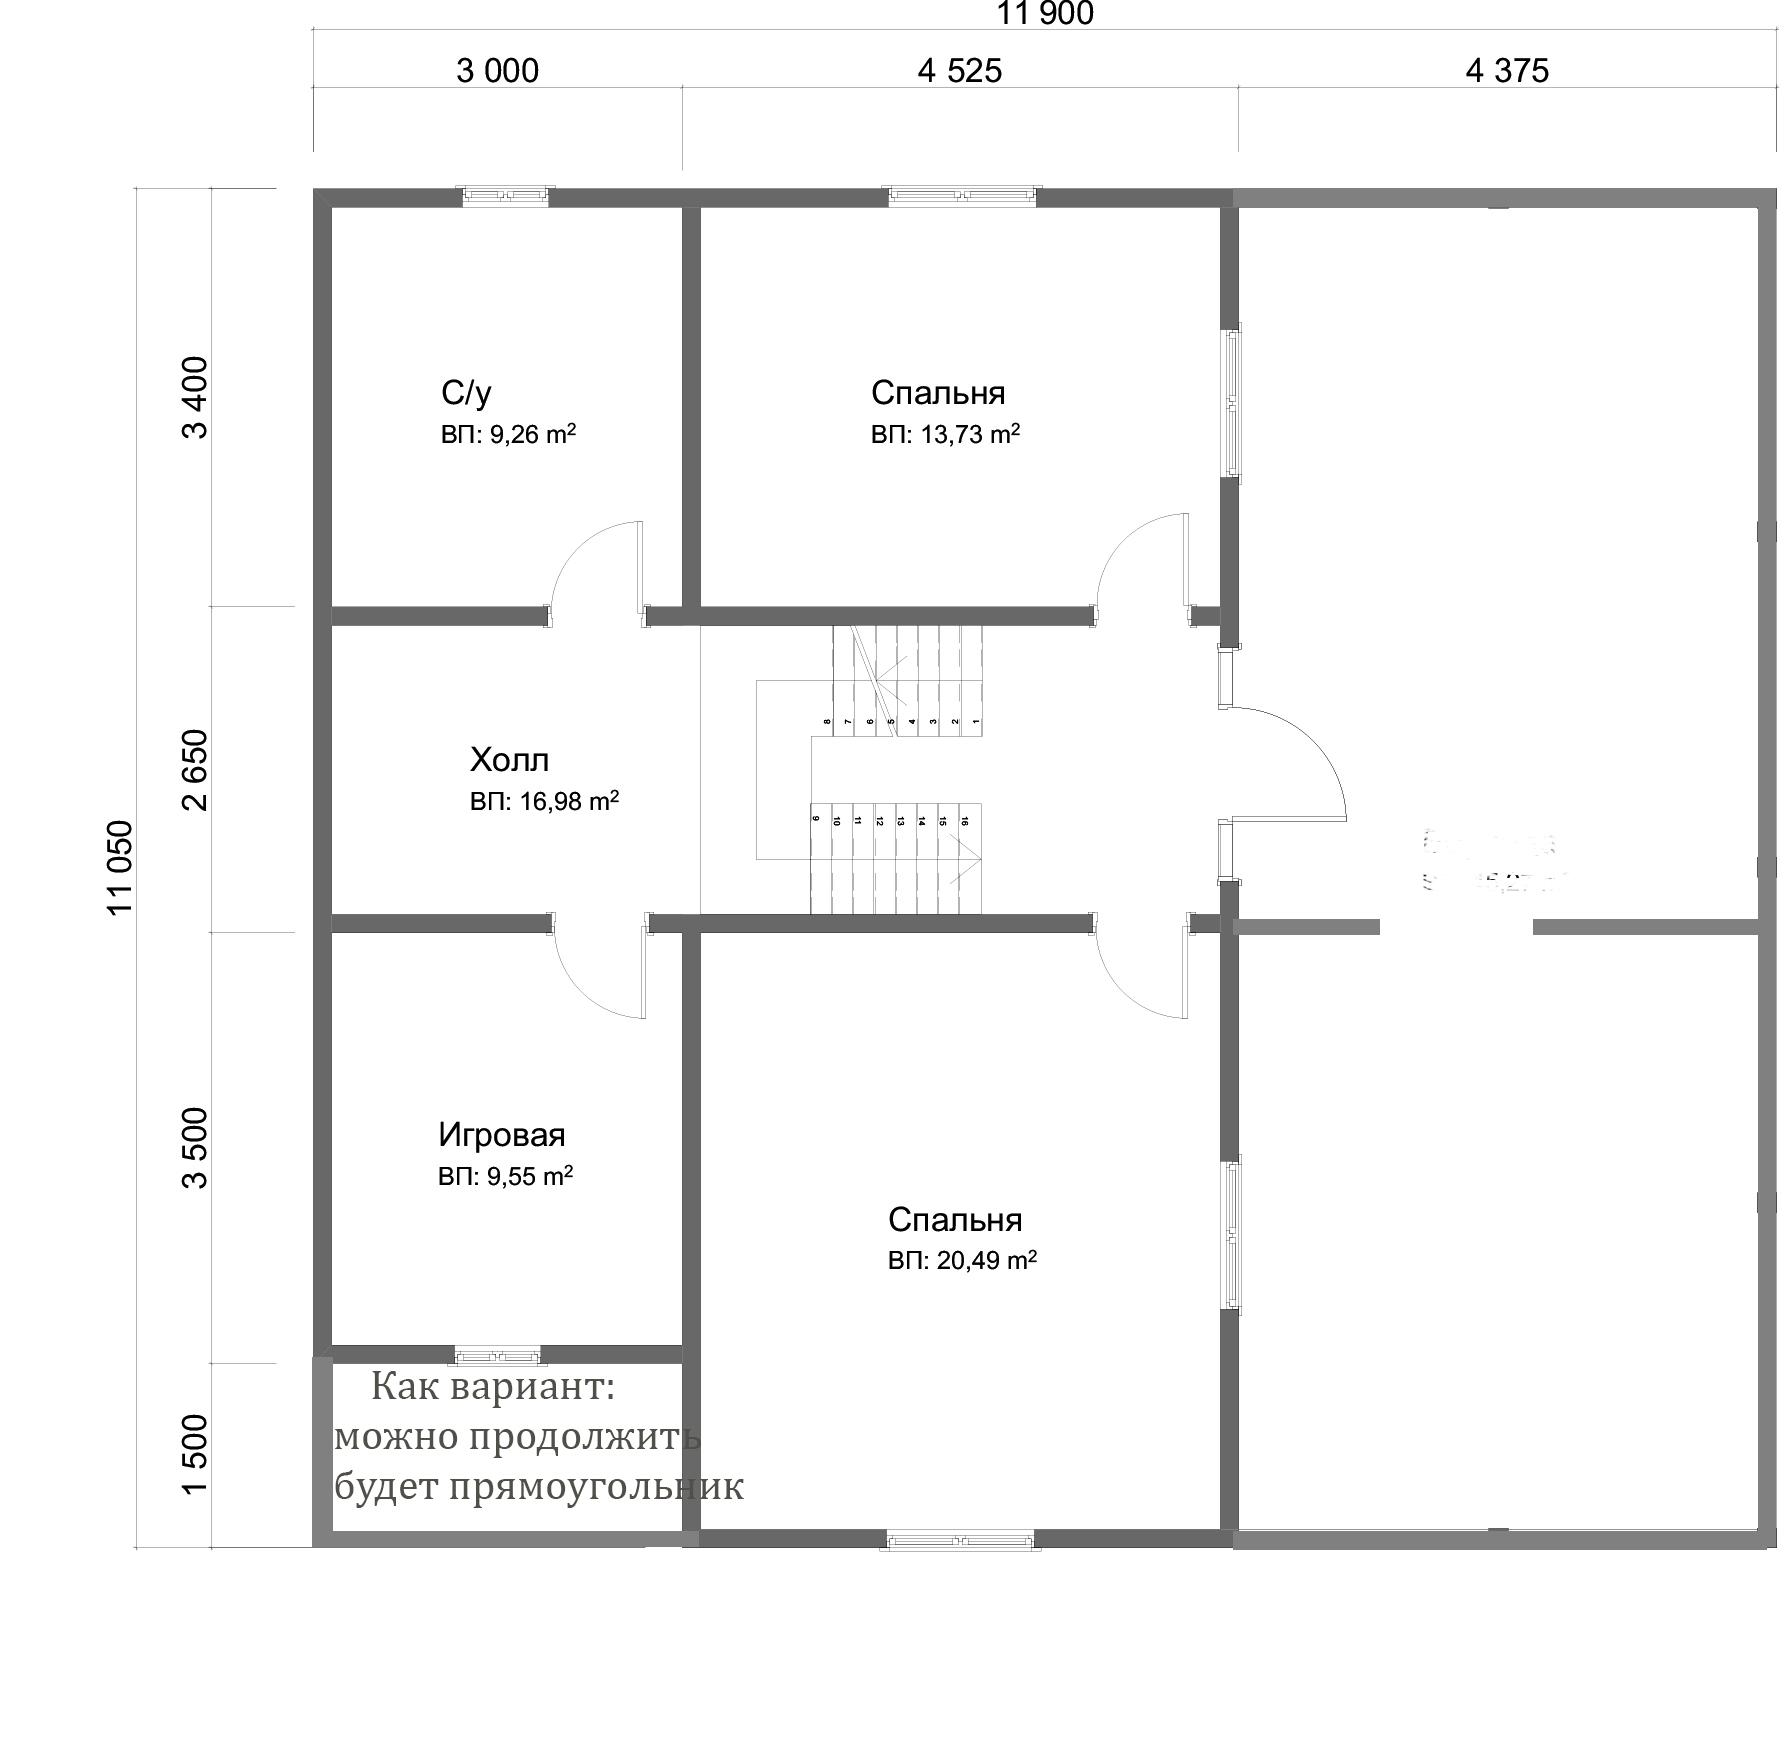 Проект дома из бруса 11х12 2 этажа с крыльцом и террасой. План 2-го этажа.